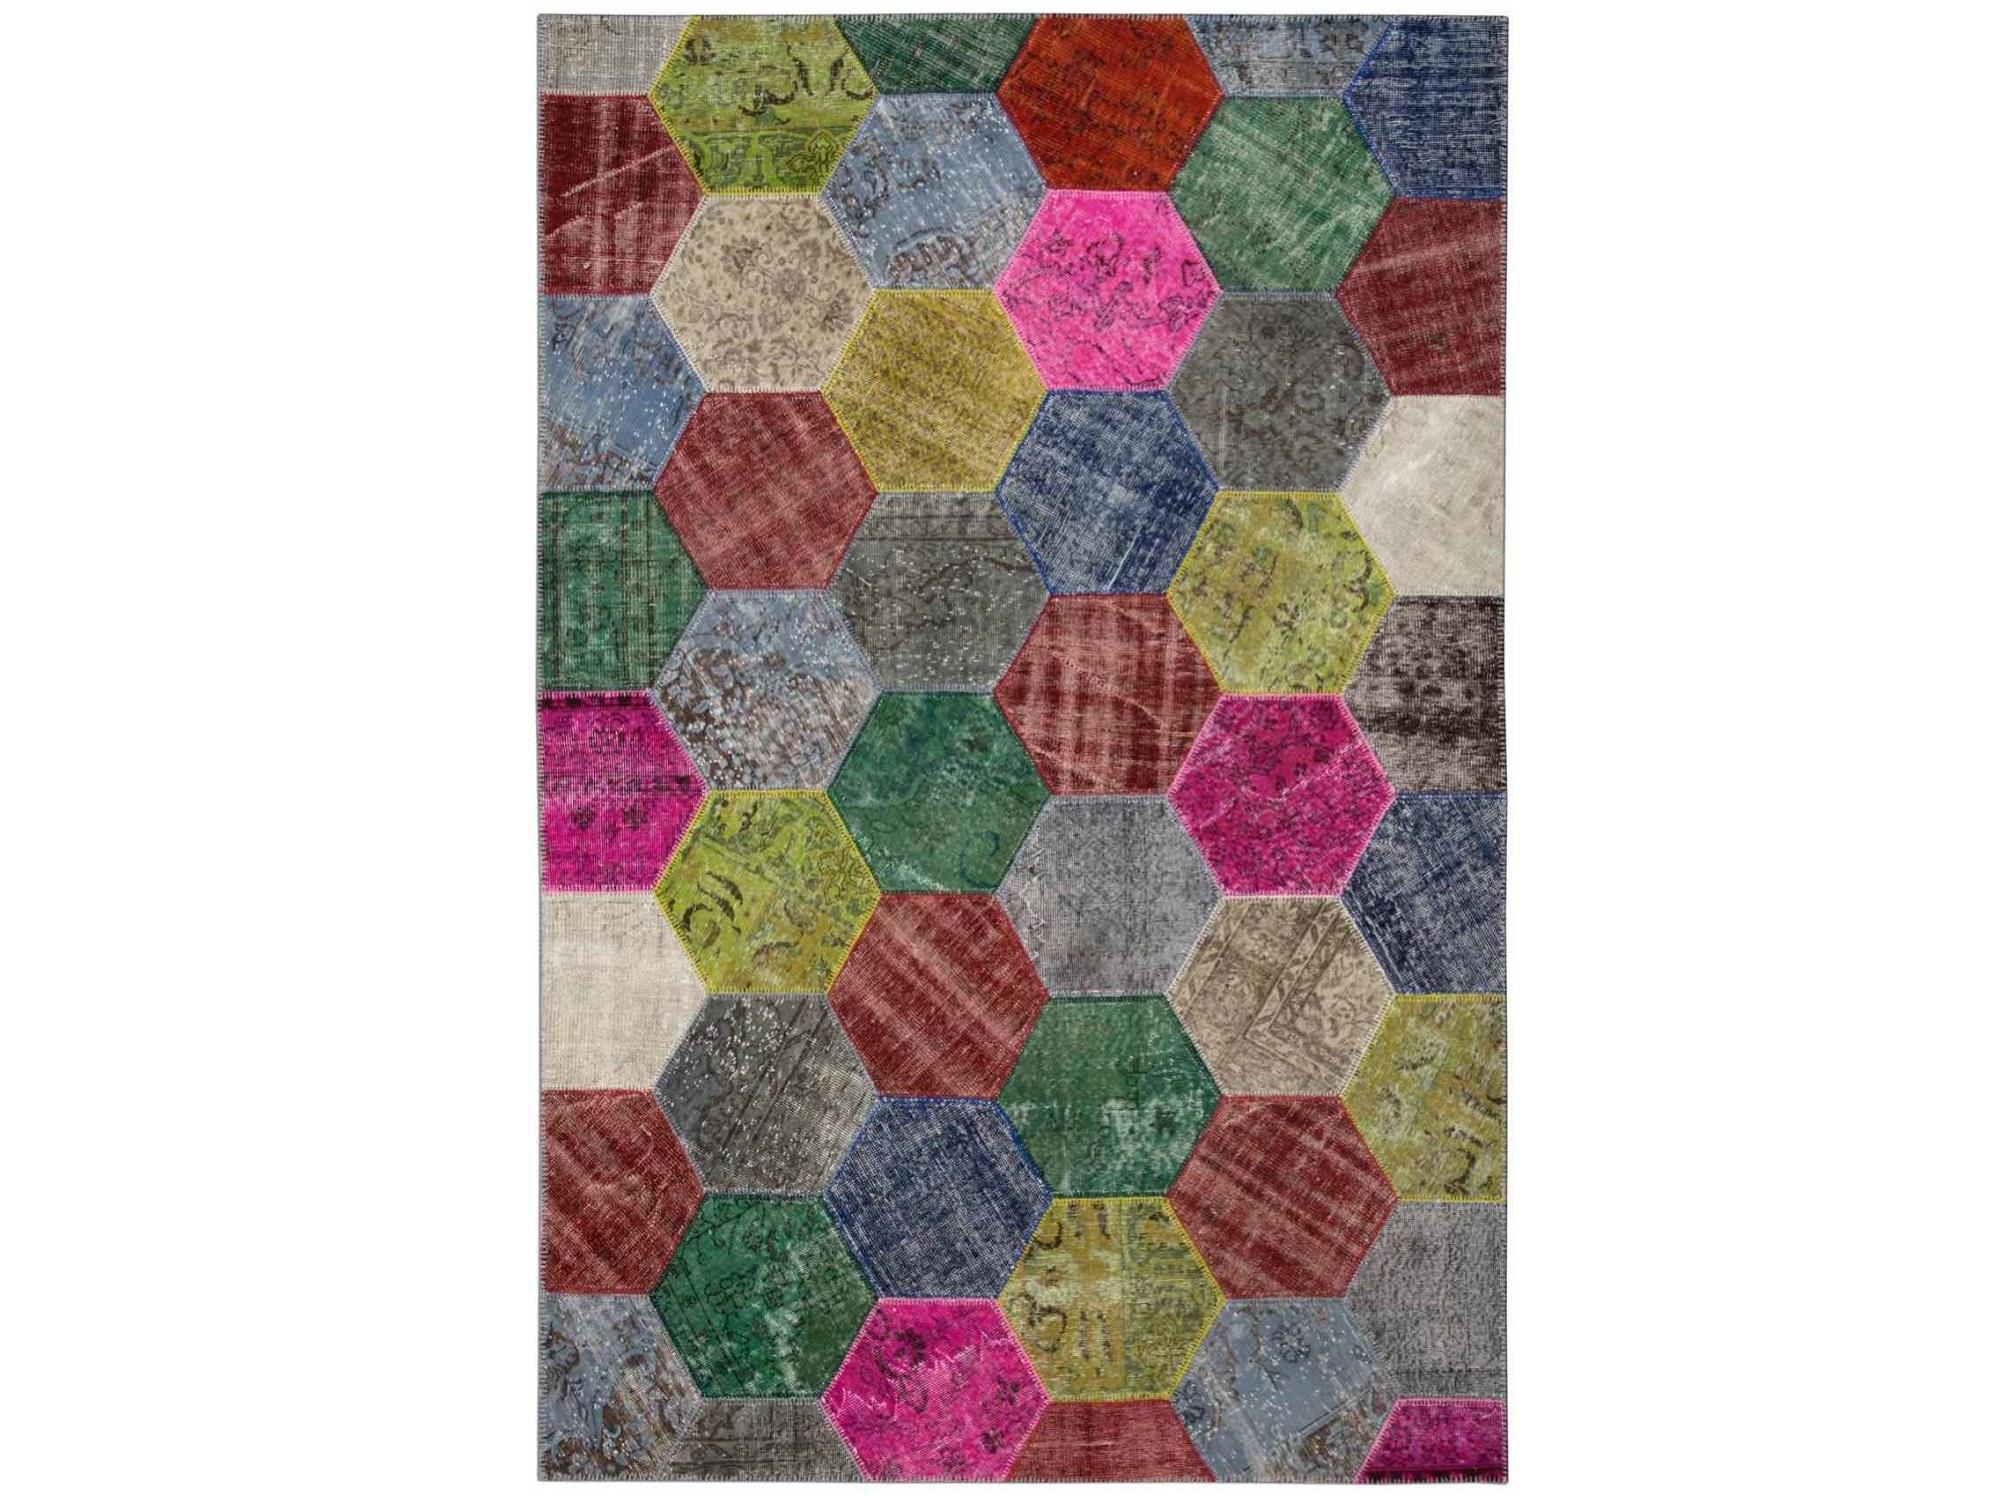 Ковер PatchworkПрямоугольные ковры<br>Винтажный ковер ручной работы в стиле &amp;quot;пэчворк&amp;quot; <br>из 100% шерсти. Ковер прекрасно подходит в <br>любые современные и классические интерьеры, <br>а благодаря толщине ковра всего 5 мм. и отсутствию <br>ворса, его легко чистить любыми видами пылесосов. <br>Этот настоящий ковер ручной работы не потеряет <br>своих красок и будет служить десятилетия.<br><br>Material: Шерсть<br>Ширина см: 203<br>Глубина см: 306